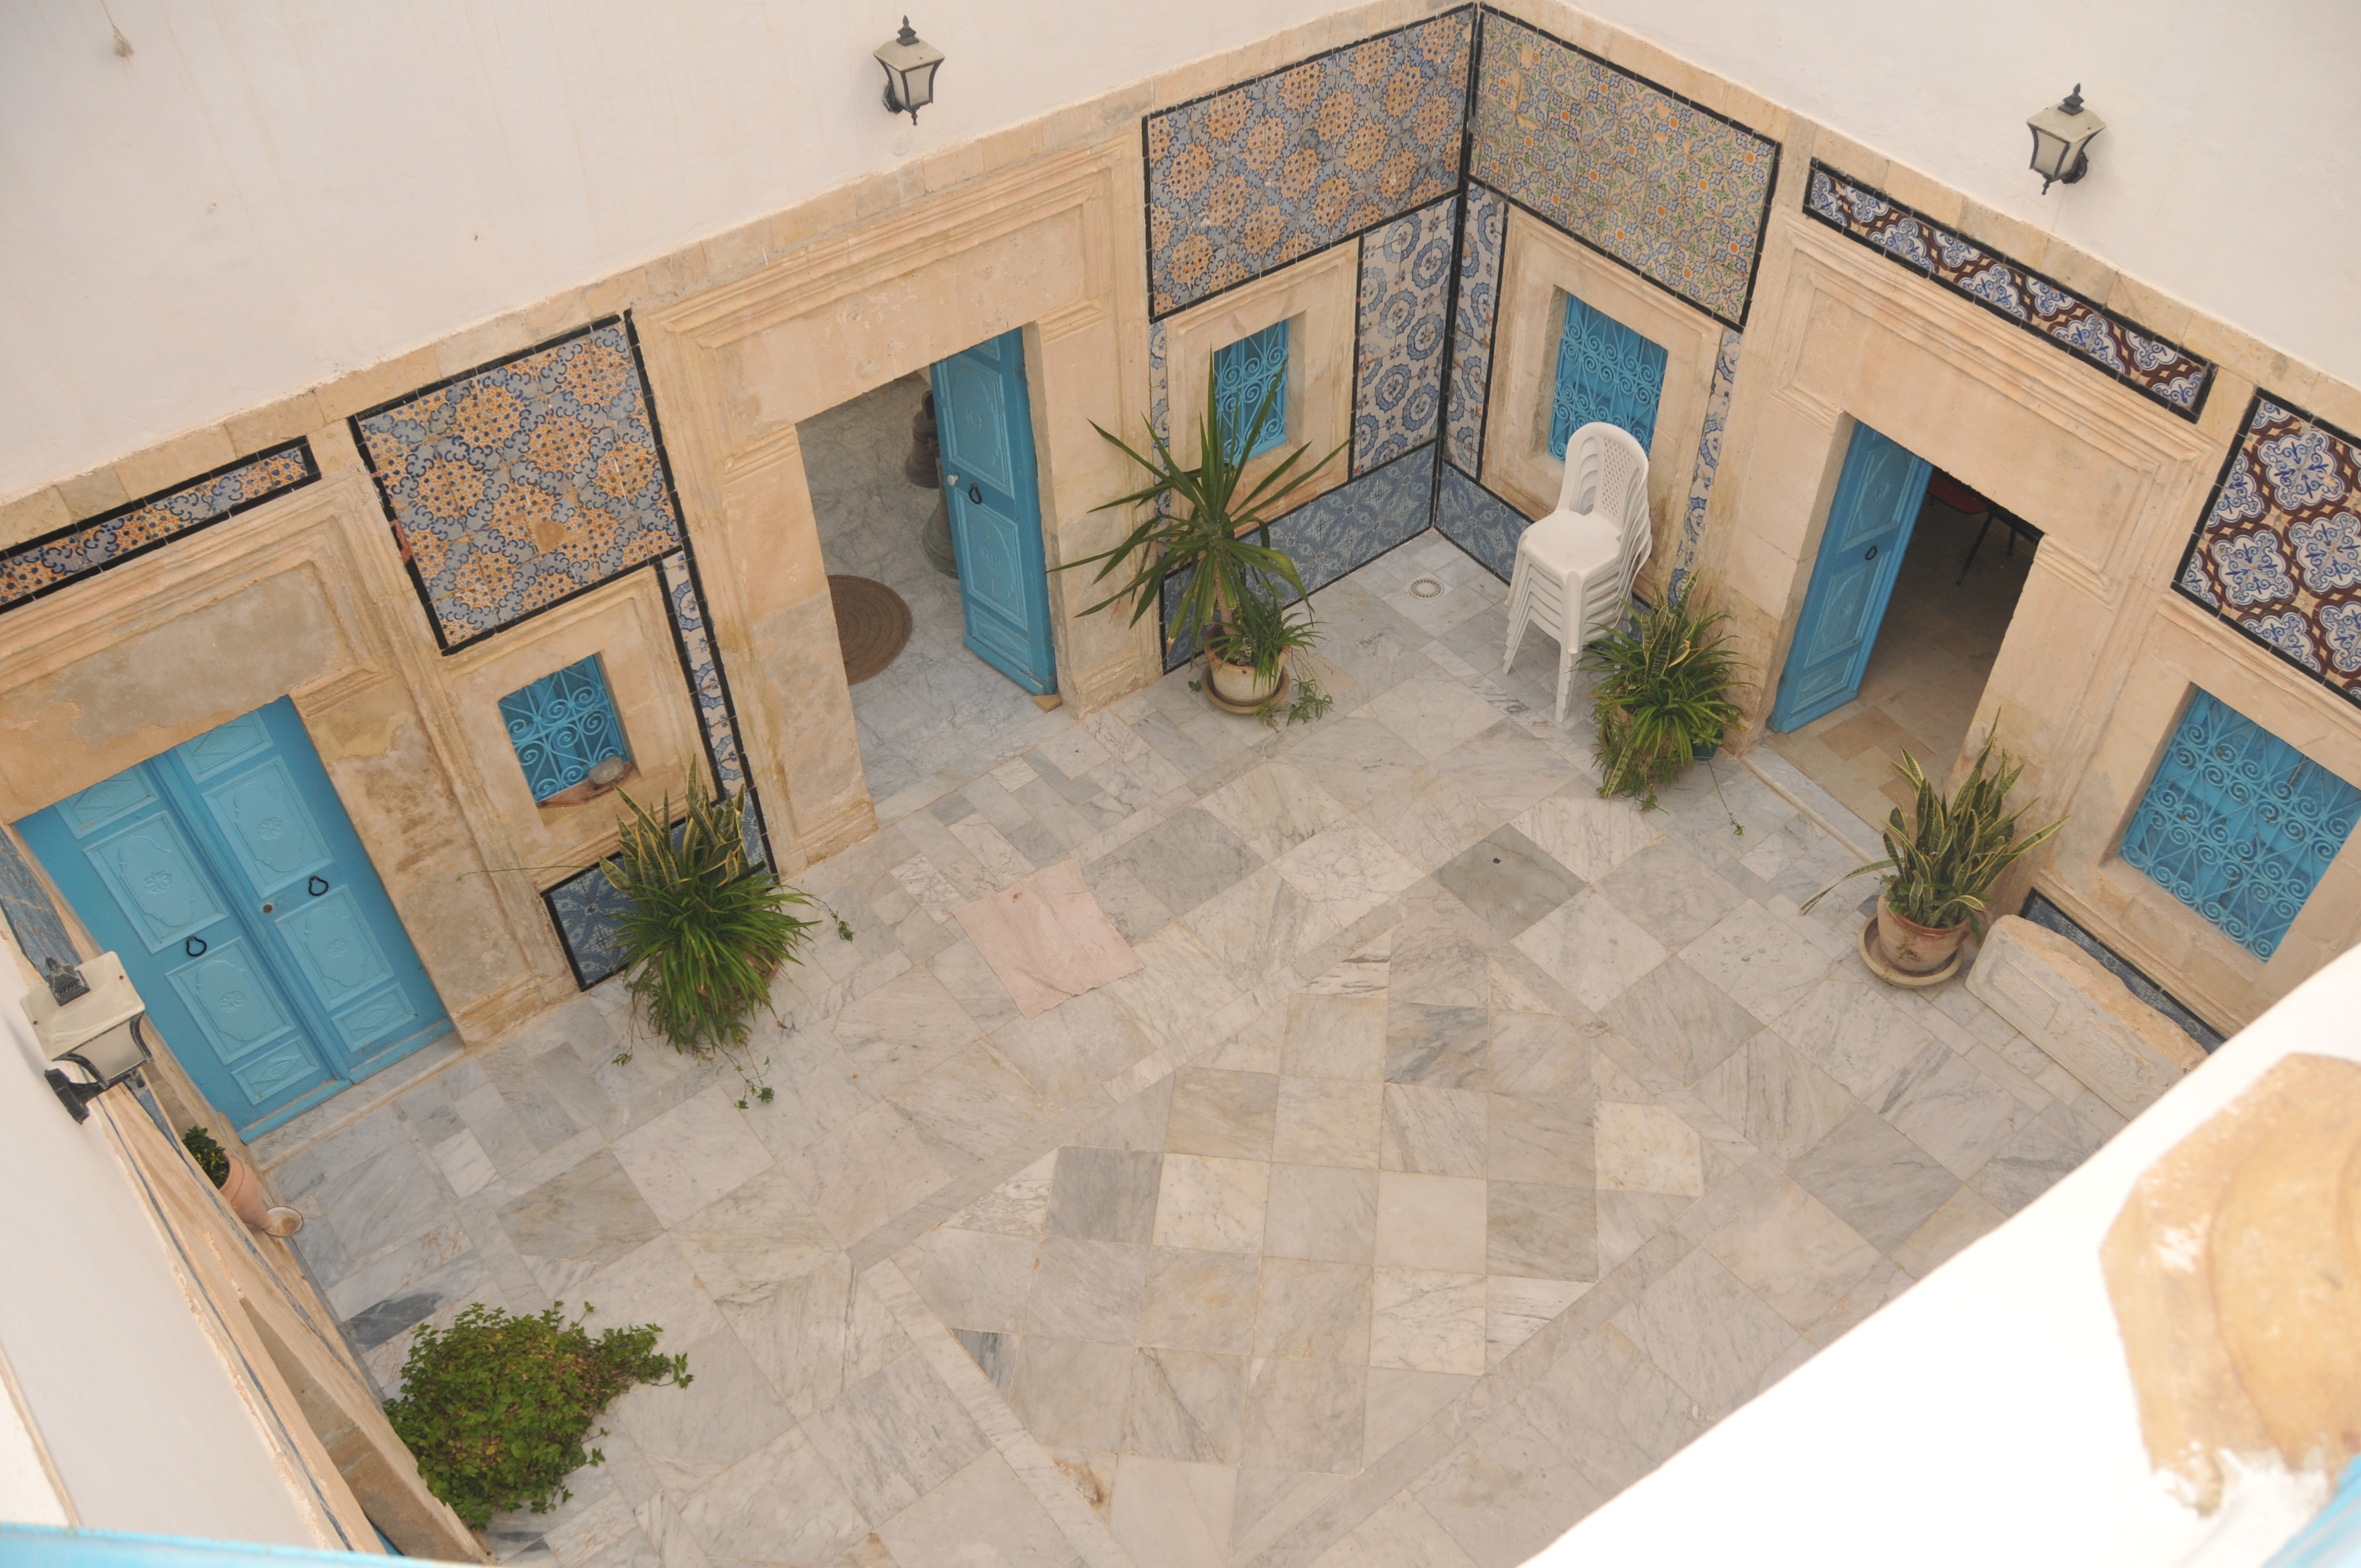 Plan de maison arabe maison moderne for Architecture maison arabe